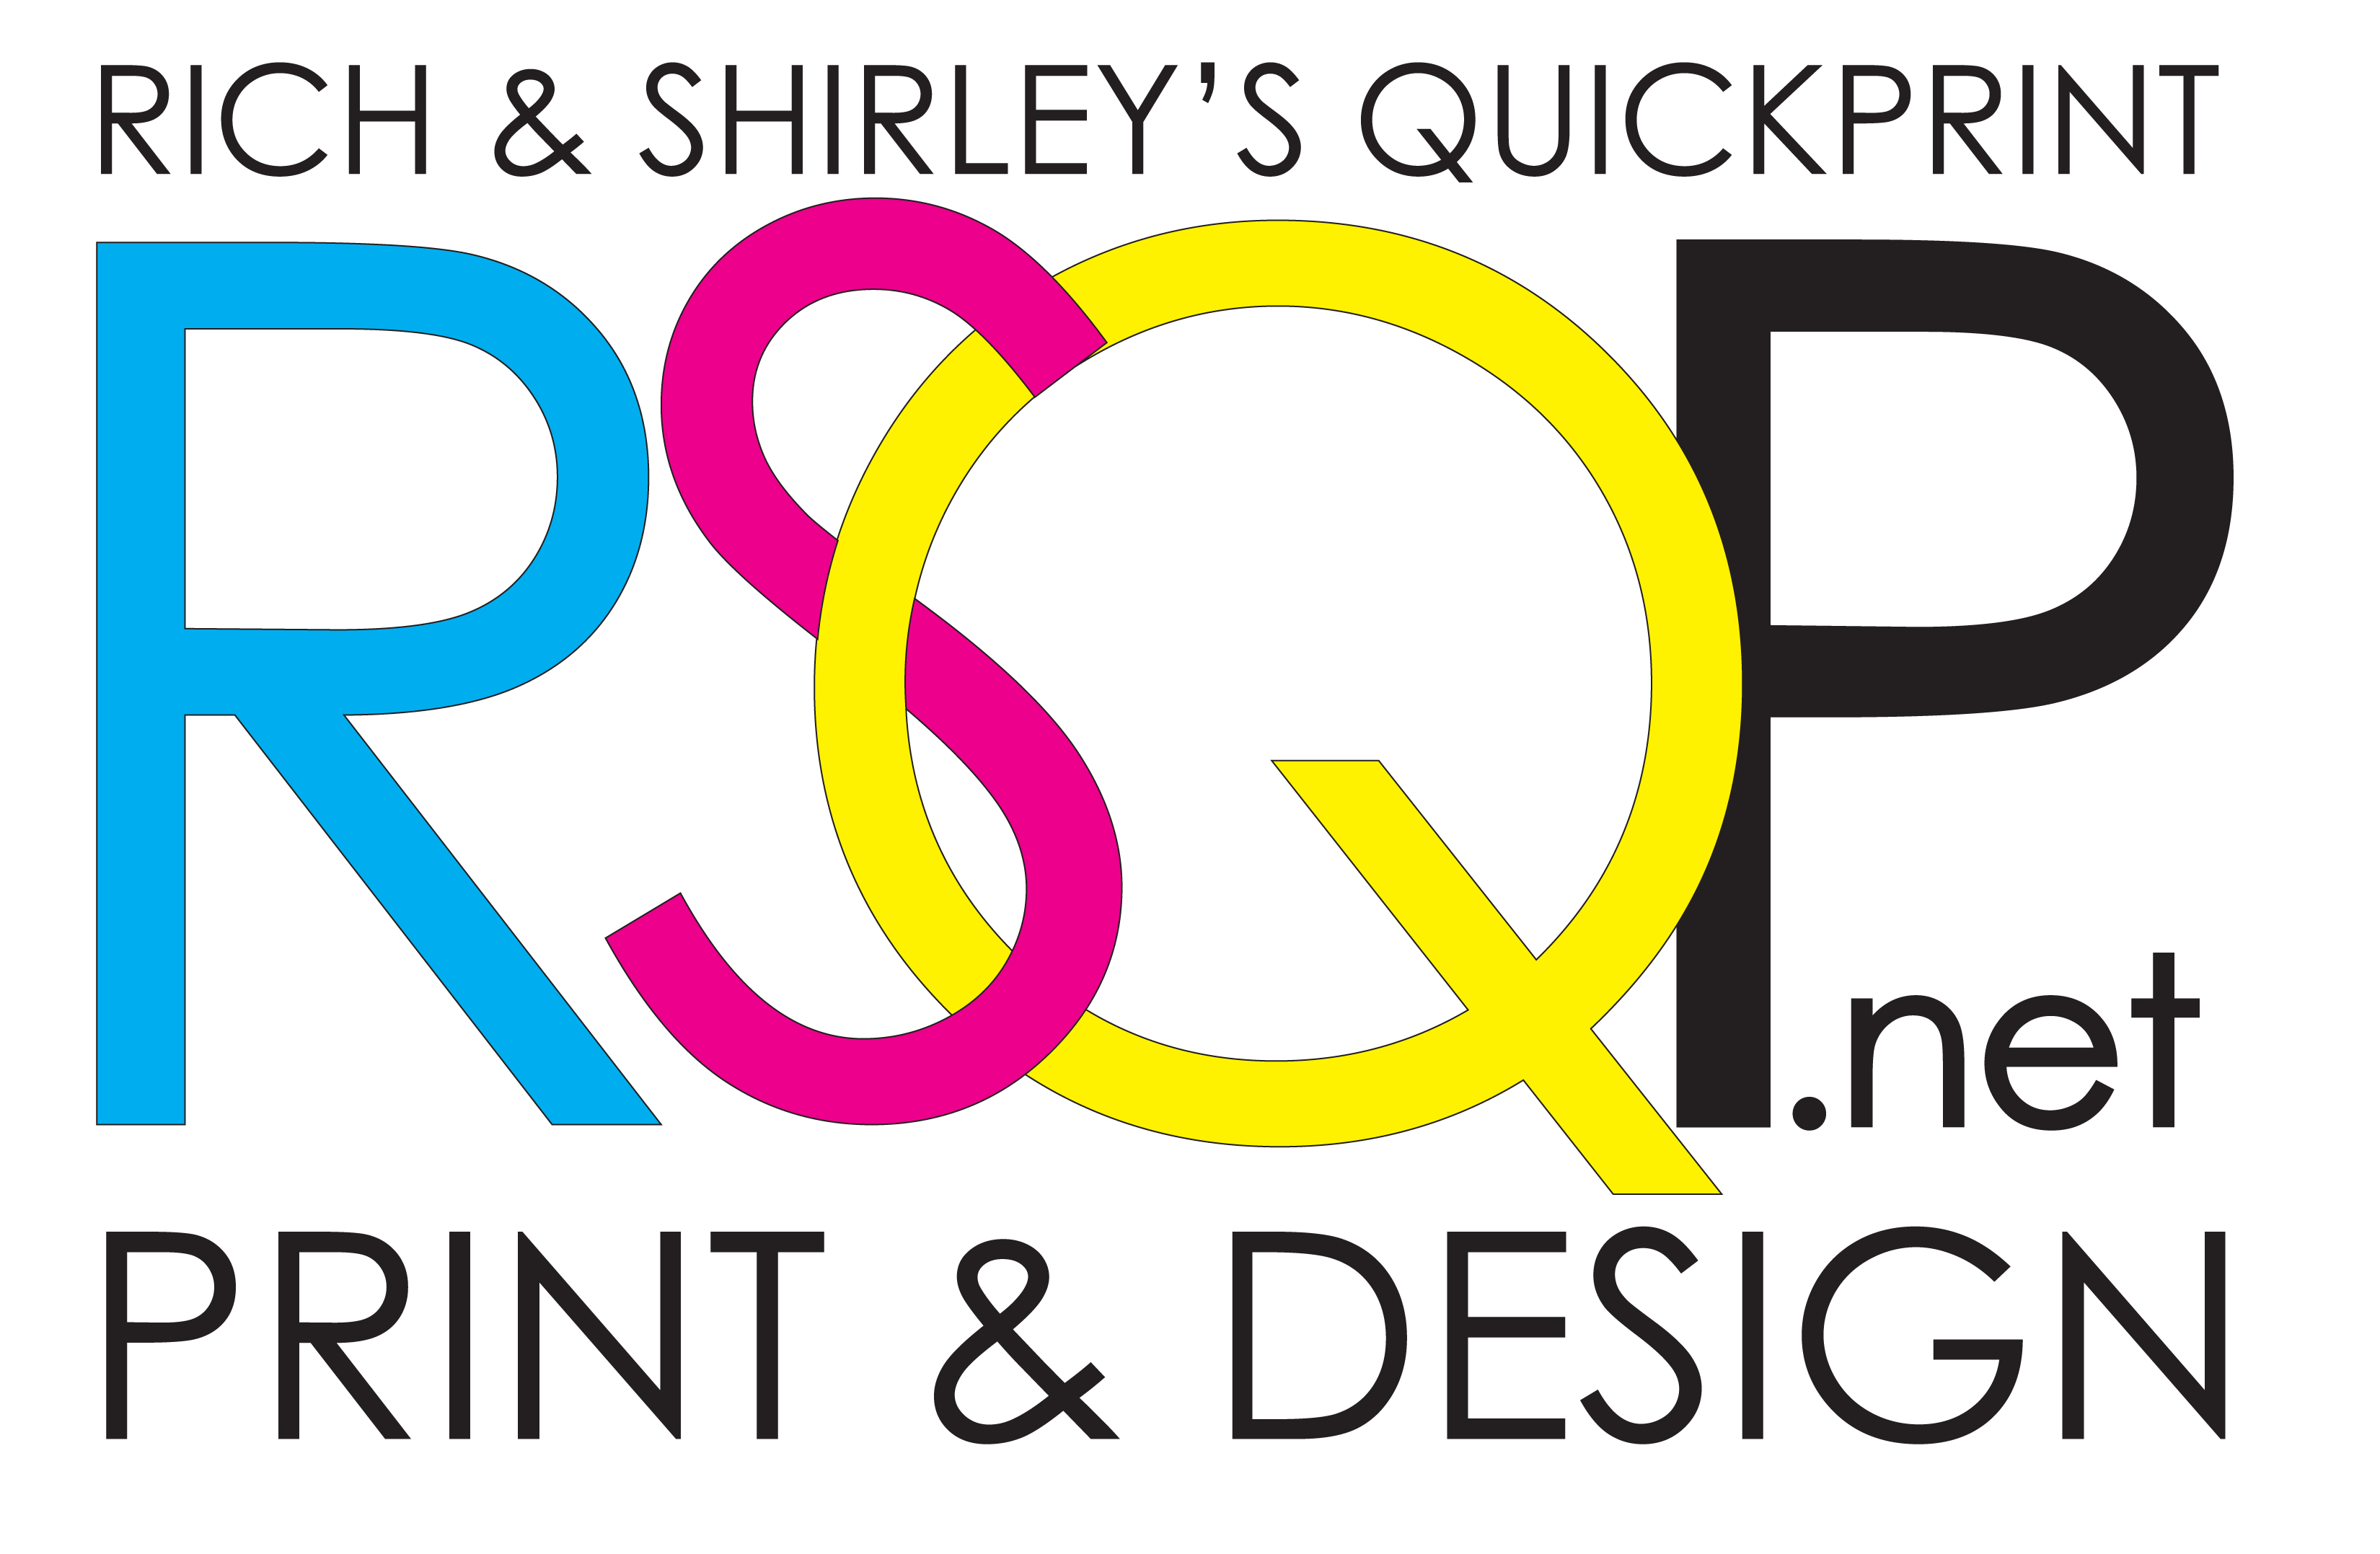 RSQP: Print & Design